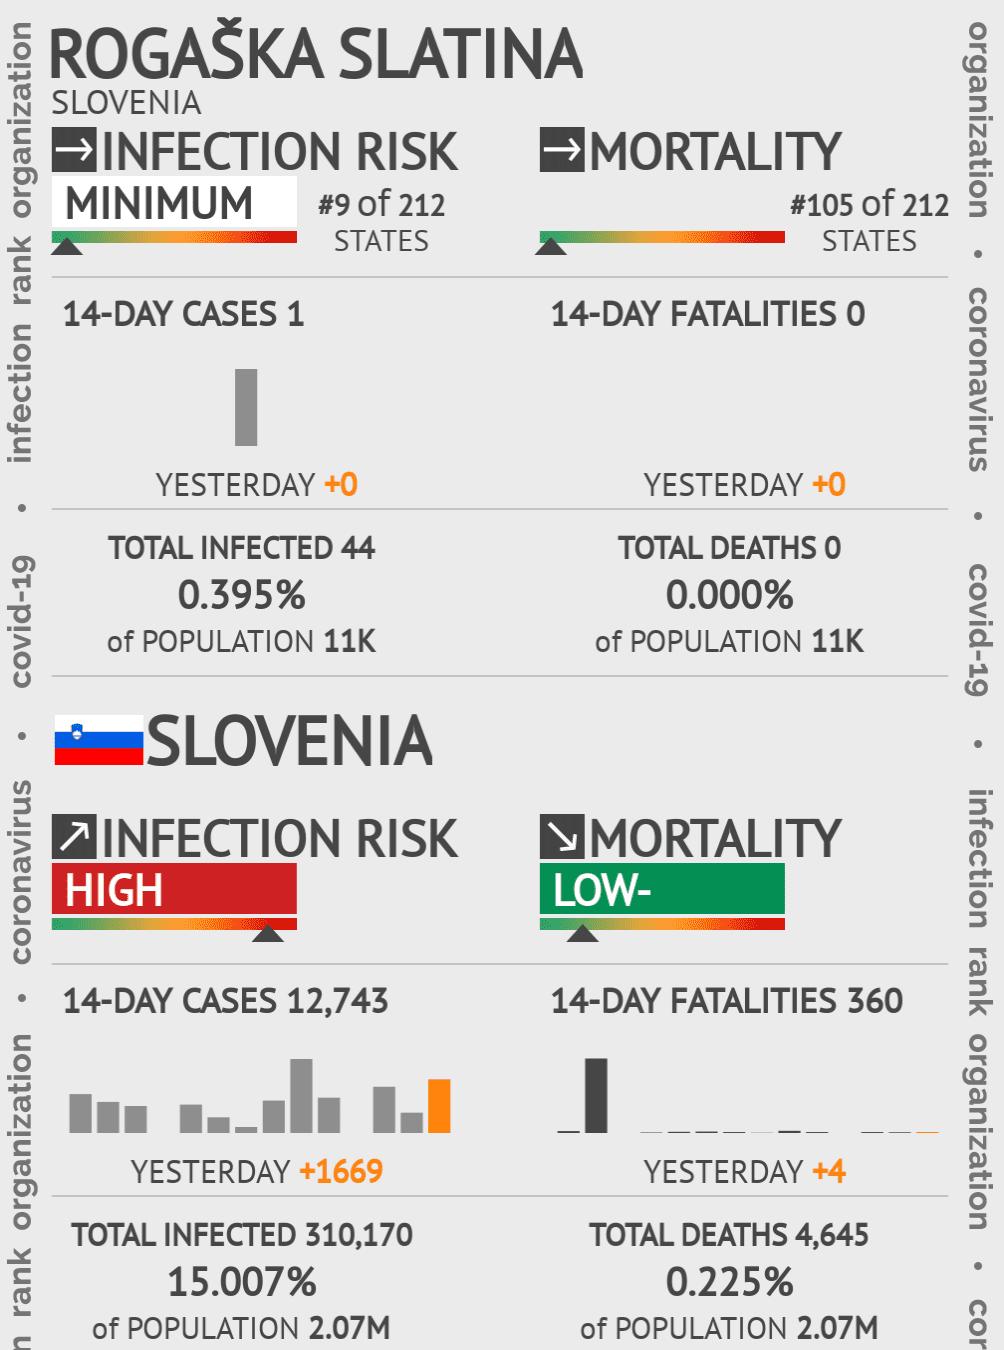 Rogaška Slatina Coronavirus Covid-19 Risk of Infection on May 14, 2020